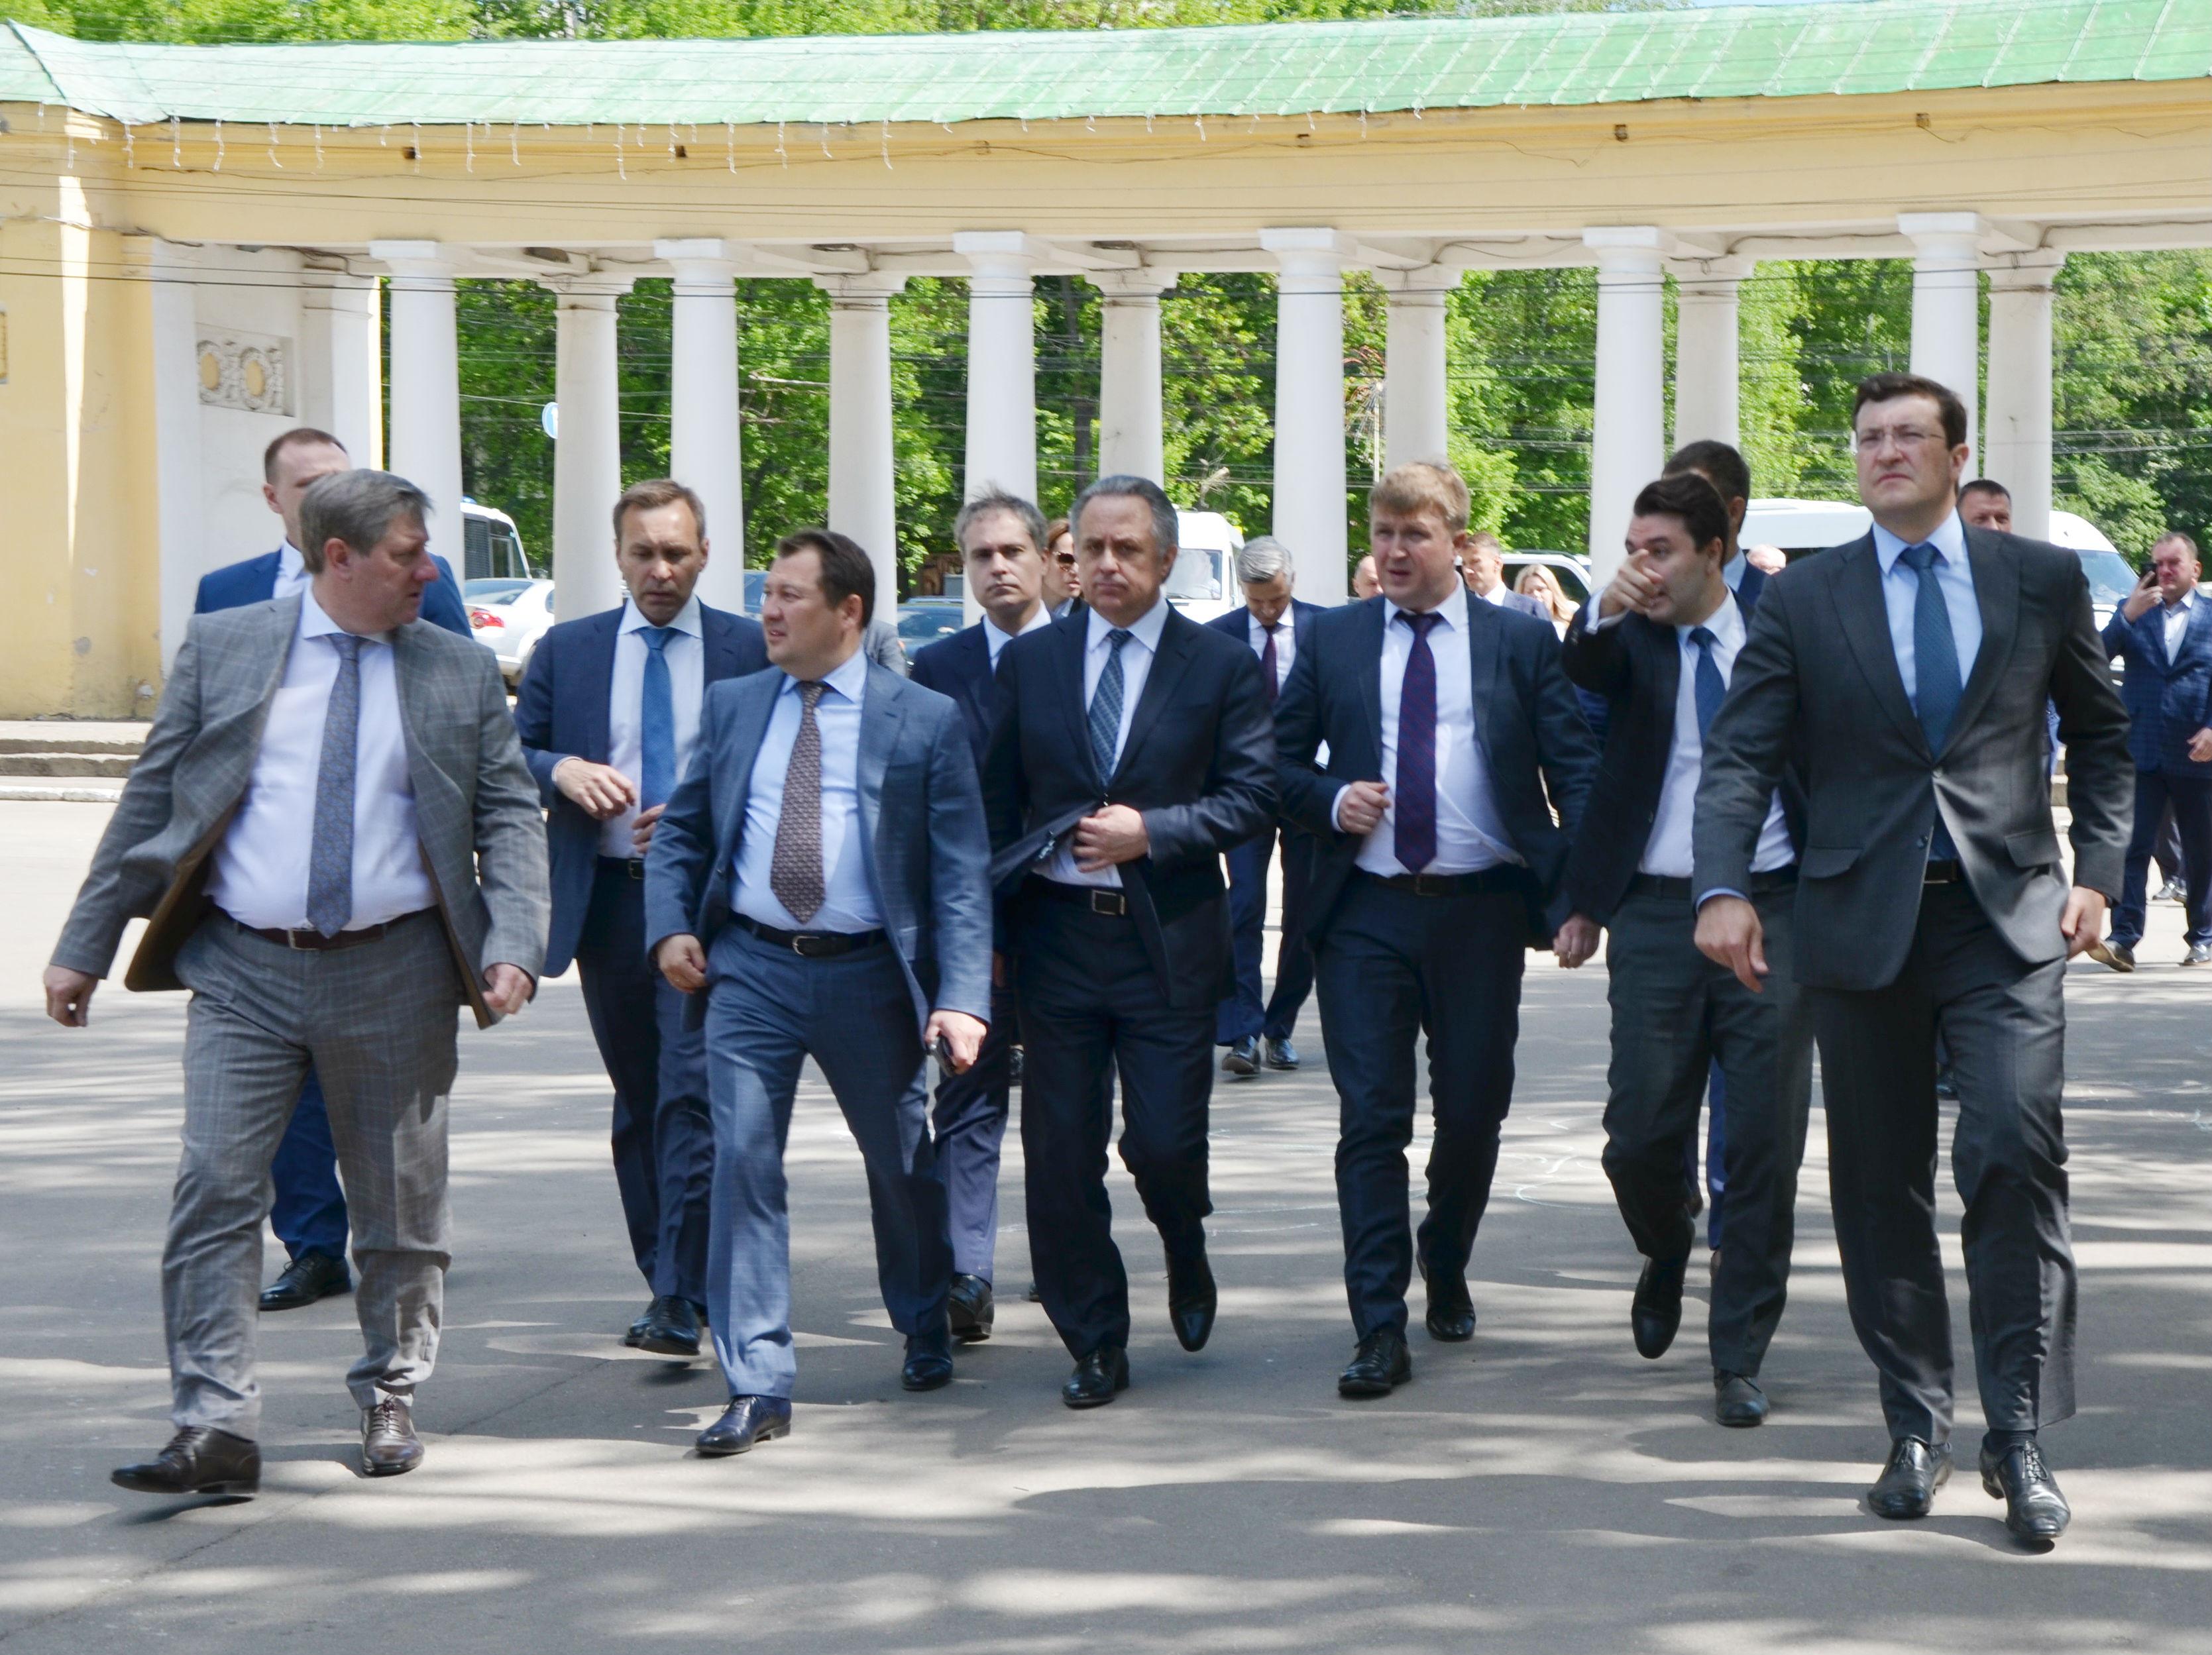 Виталию Мутко представили концепцию развития парка Швейцария (Приокский) в Нижнем Новгороде